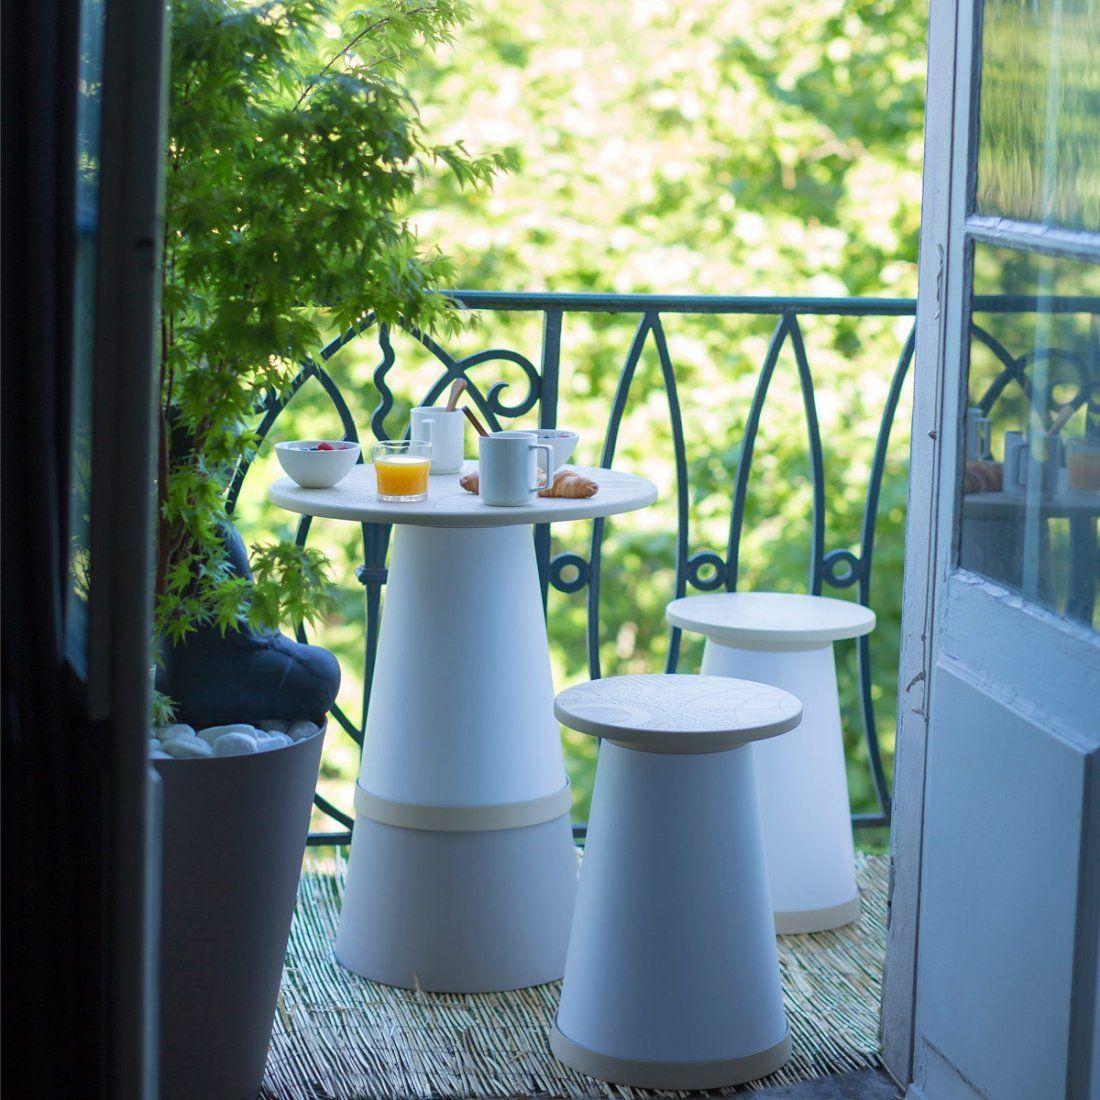 Salon De Jardin Pour Balcon Zen Totem Grosfillex ... intérieur Salon De Jardin Pour Balcon